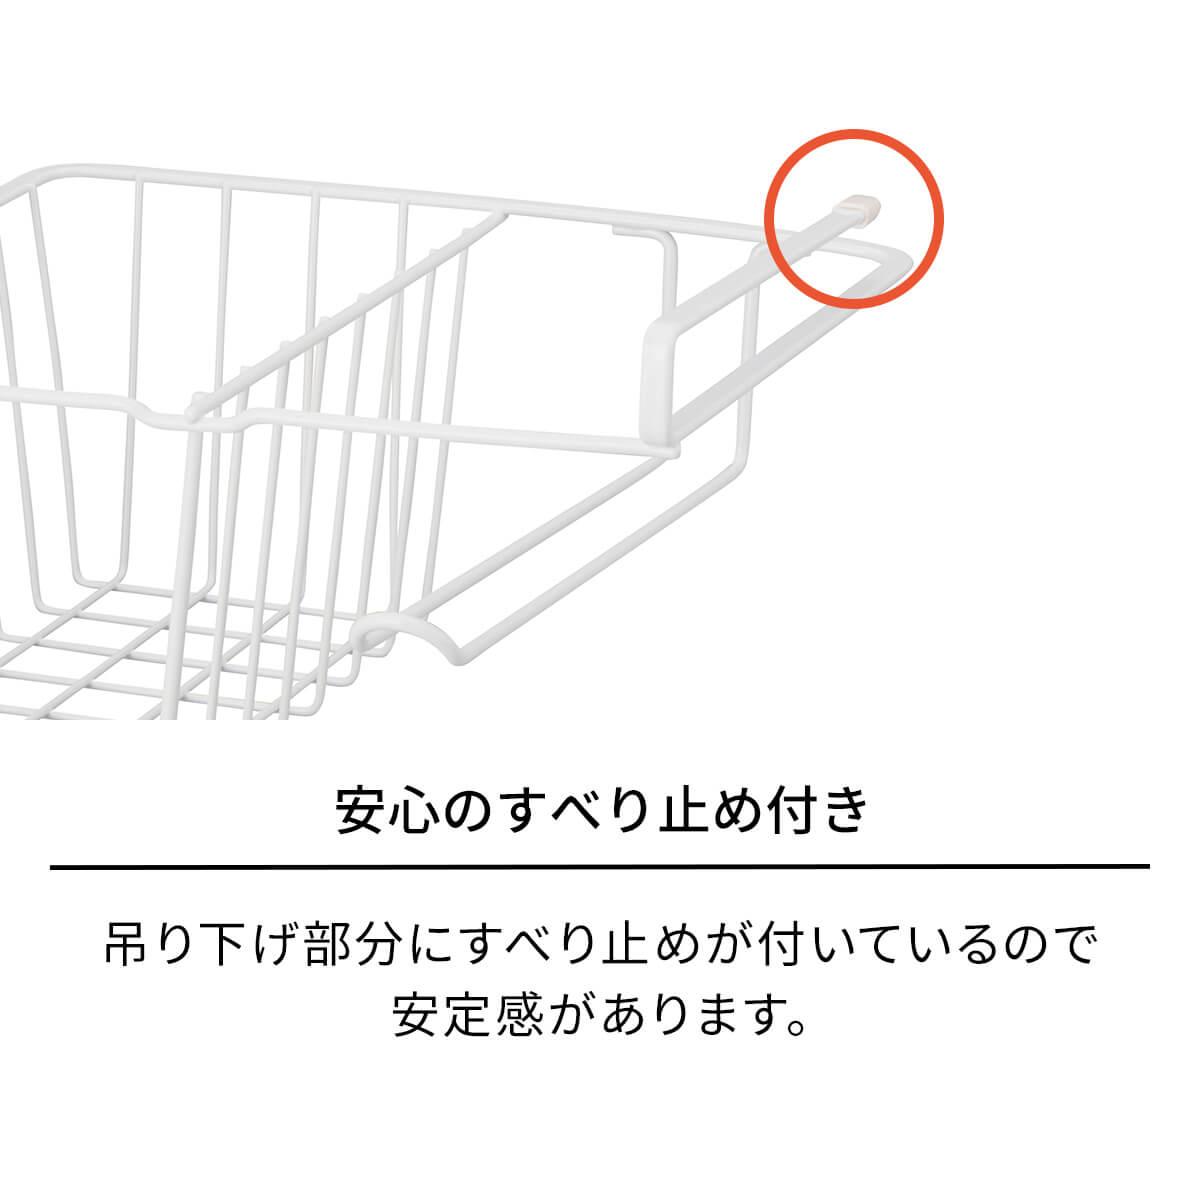 ファビエ ハンギングバスケット(ペーパーホルダー付)すっきり整頓シリーズ